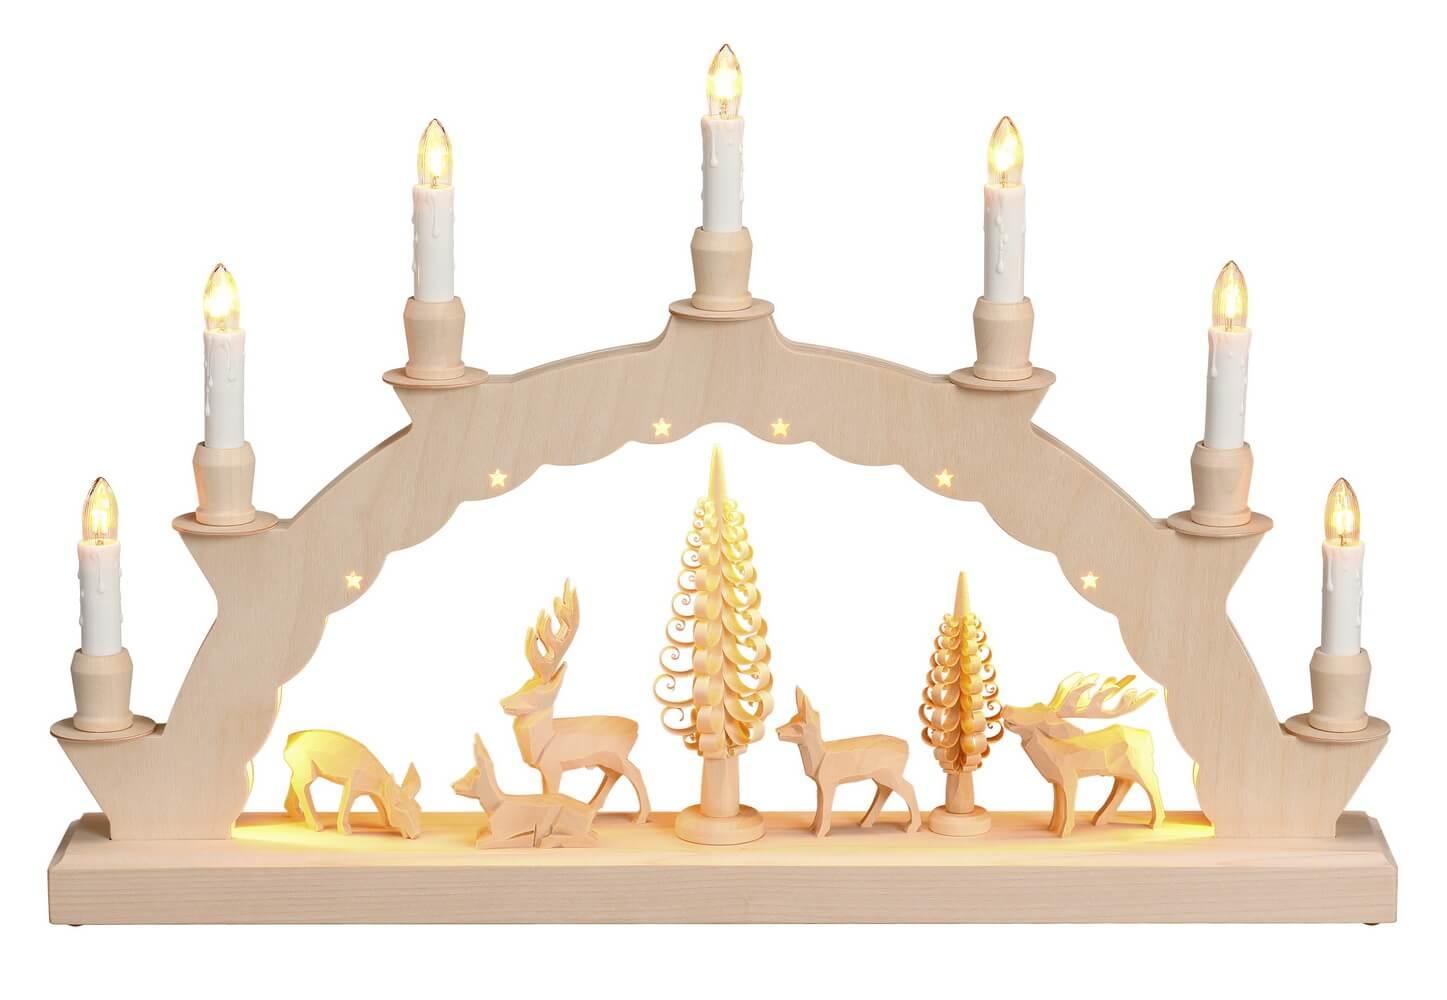 LED Schwibbogen mit dem Motiv geschnitzte Hirsche und 2-facher Beleuchtung von Nestler-Seiffen_Bild1